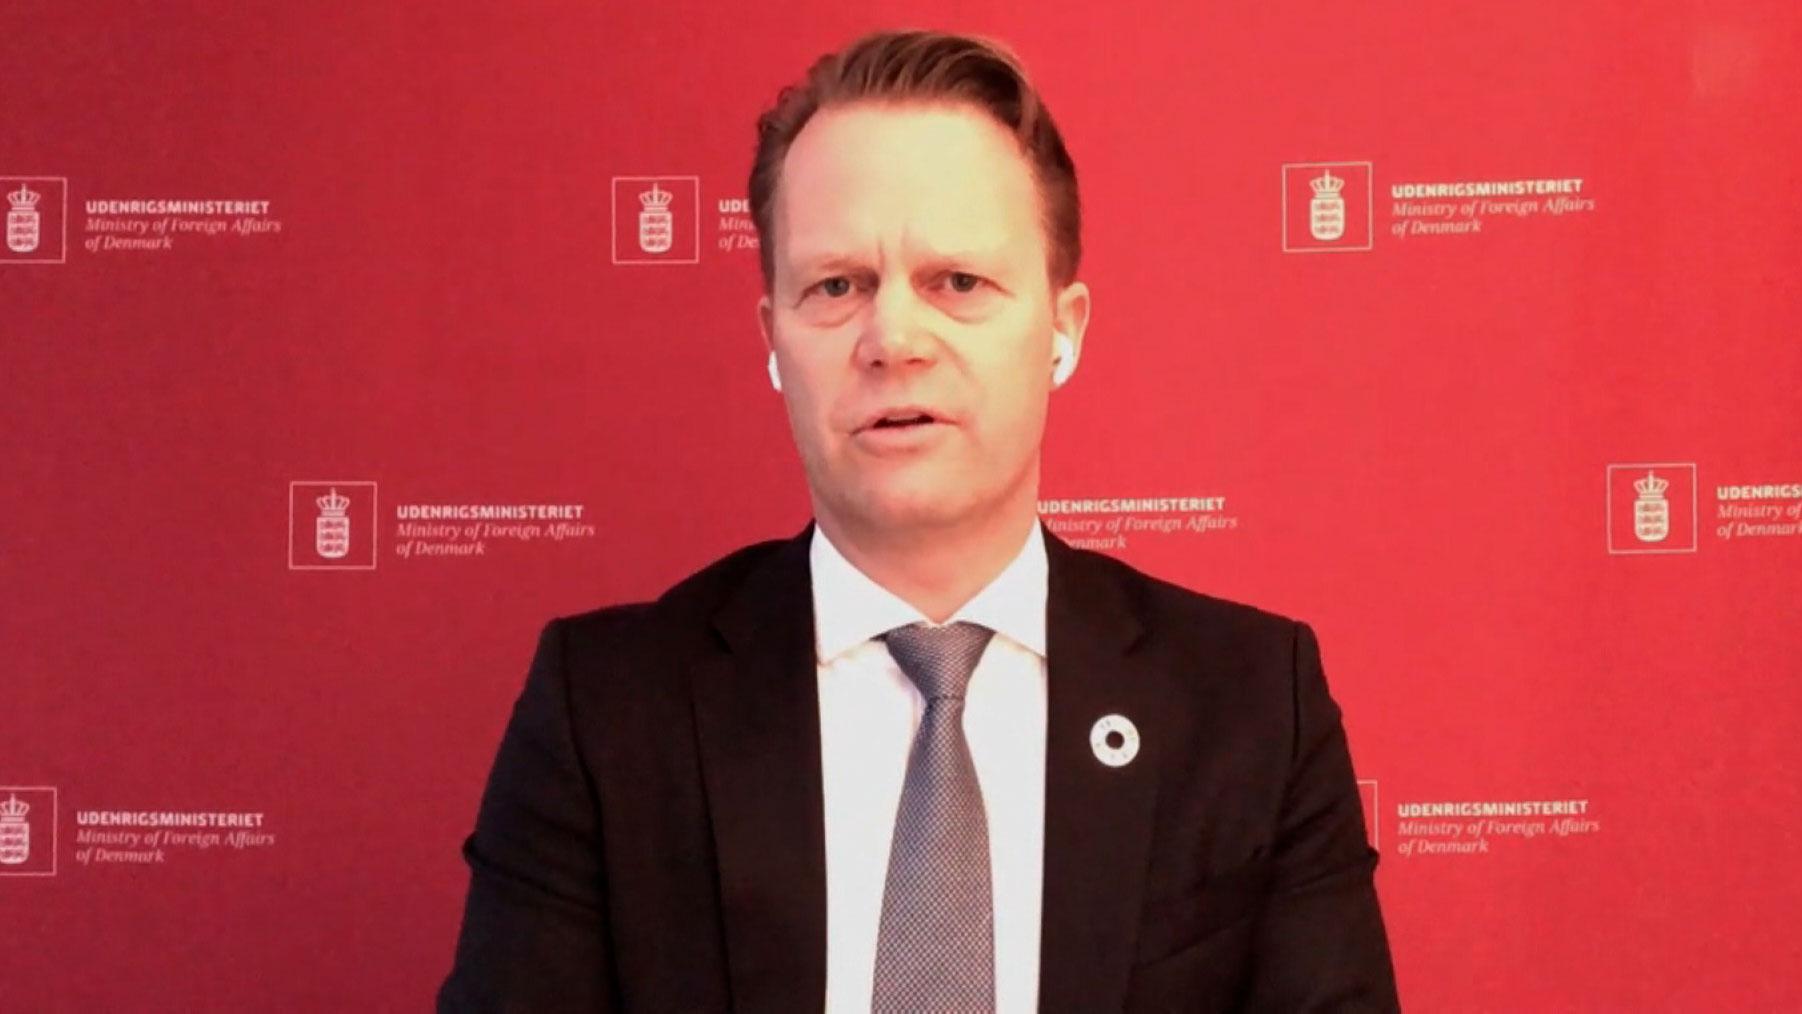 Jeppe Kofod, Denmark's foreign minister, spoke to CNN's Becky Anderson on Thursday.